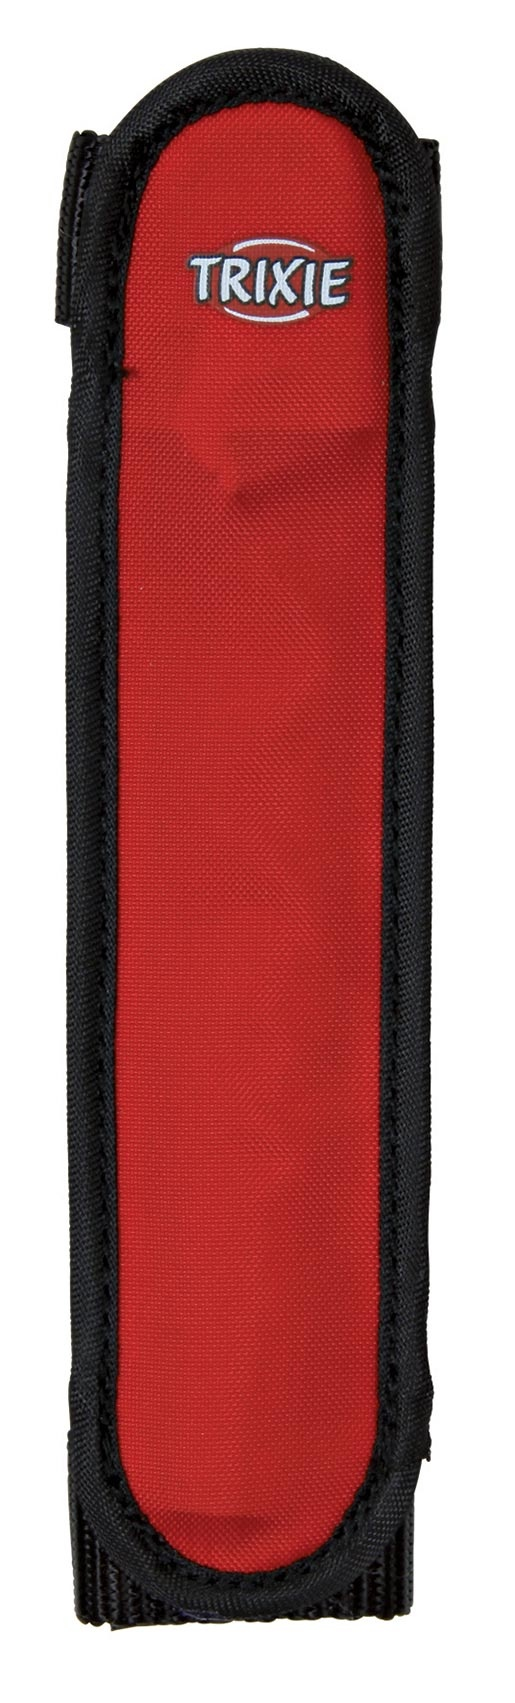 Návlek blikající na obojek pro psy Trixie 16cm červeno-černý